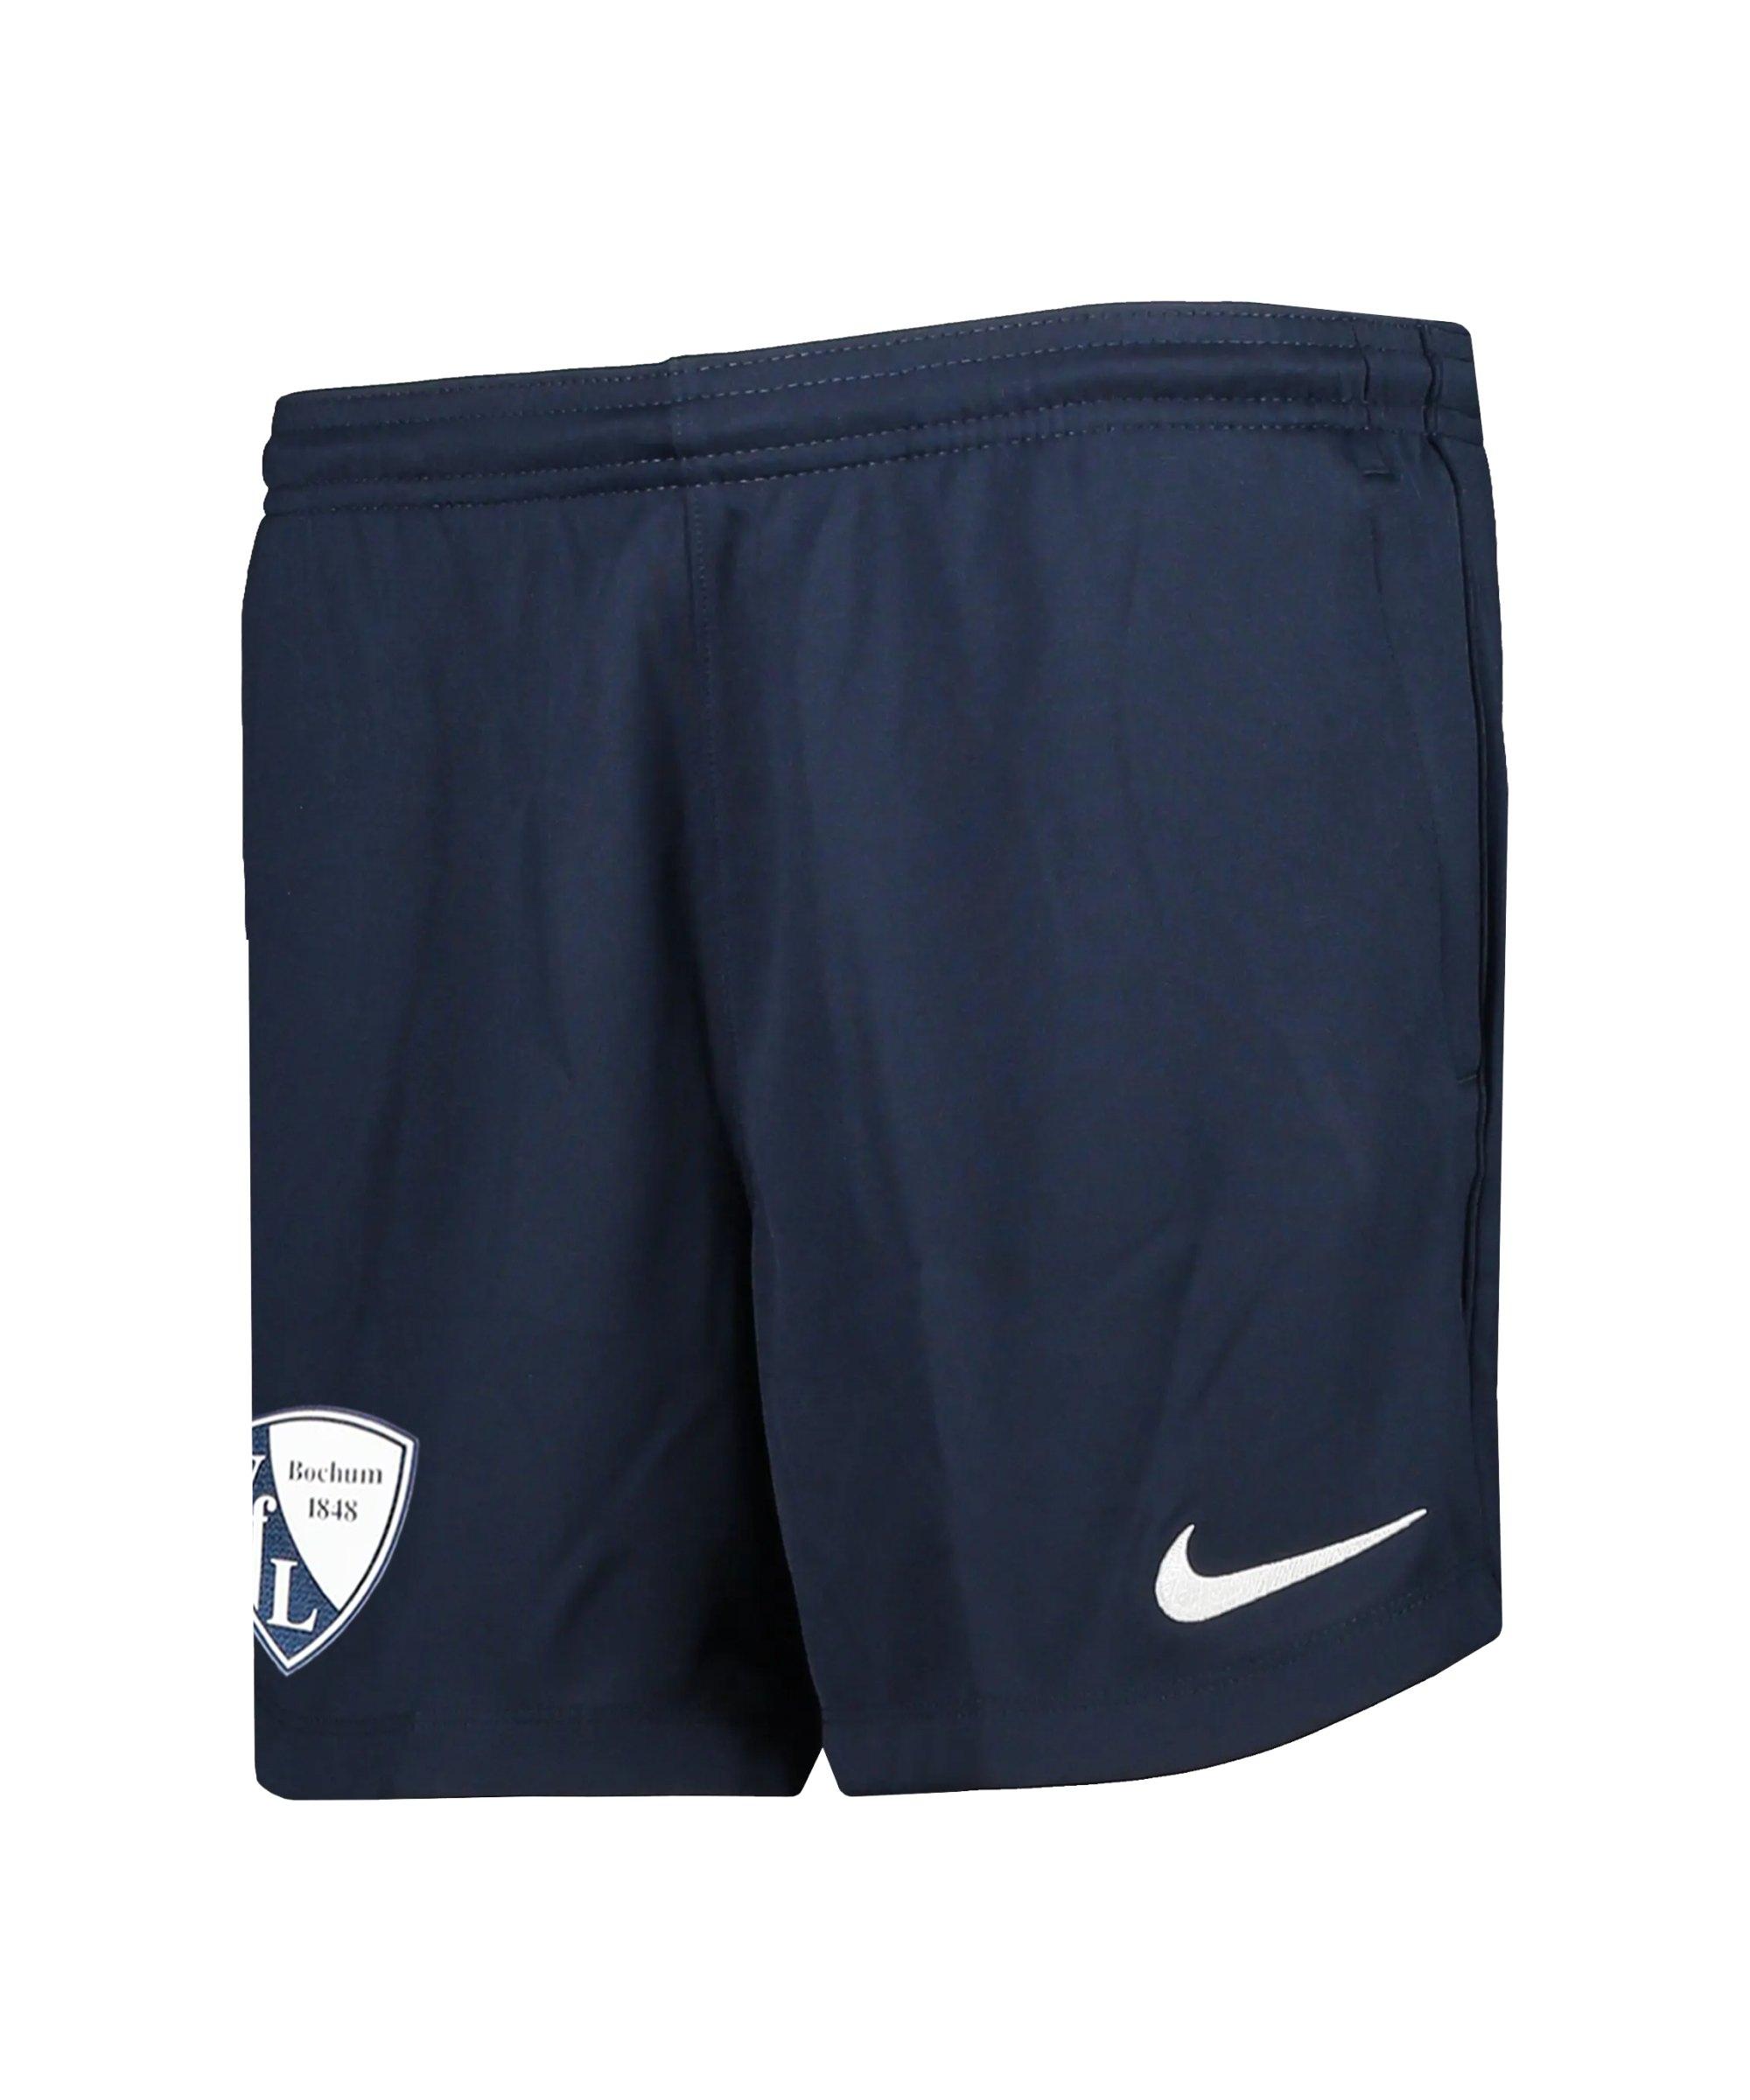 Nike VfL Bochum Trainingsshort Damen Blau F451 - blau